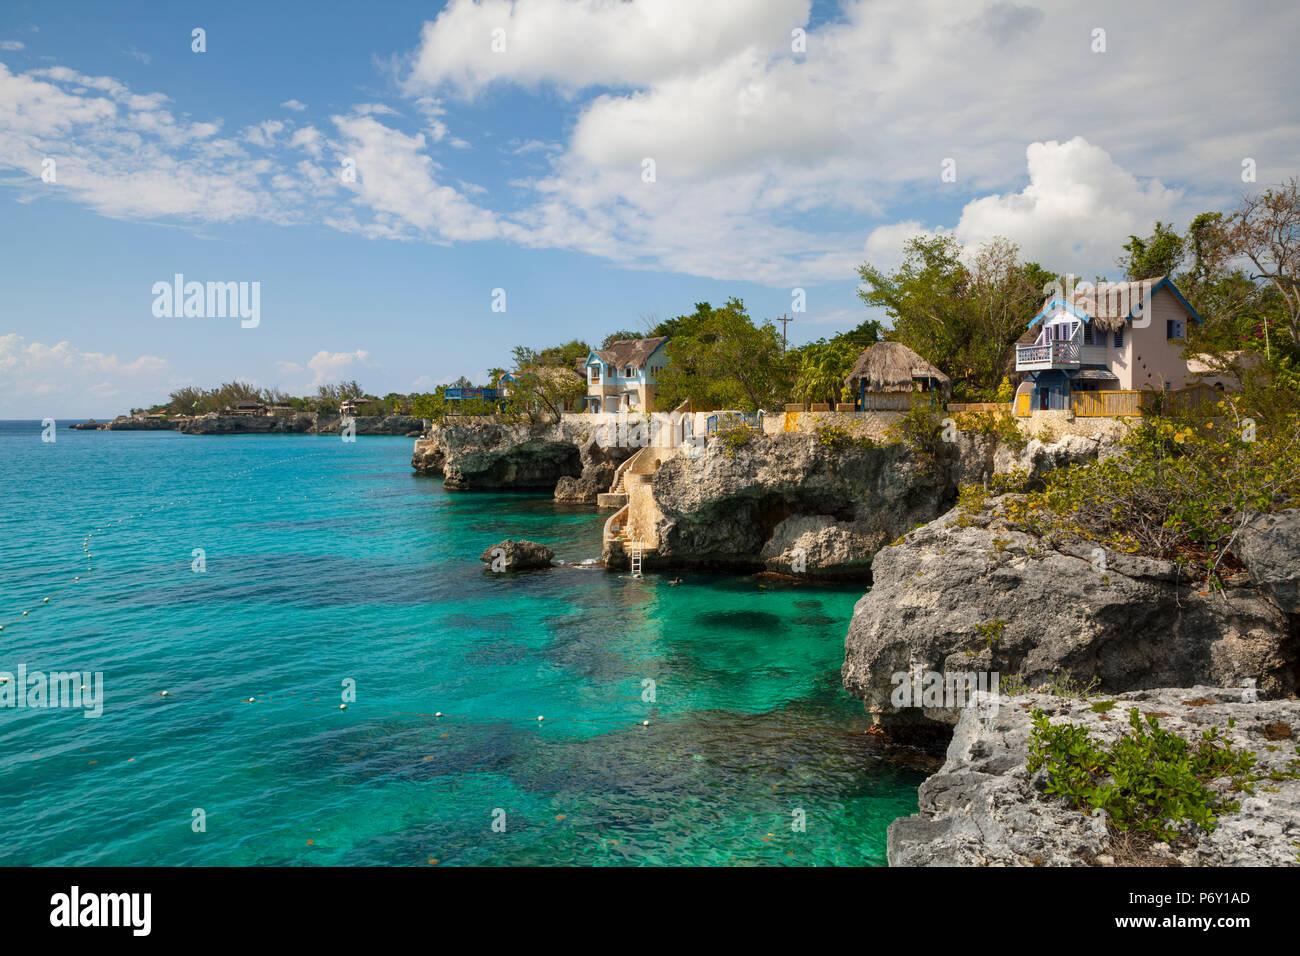 Die idyllische West End, Negril, Westmoreland, Jamaika Stockbild